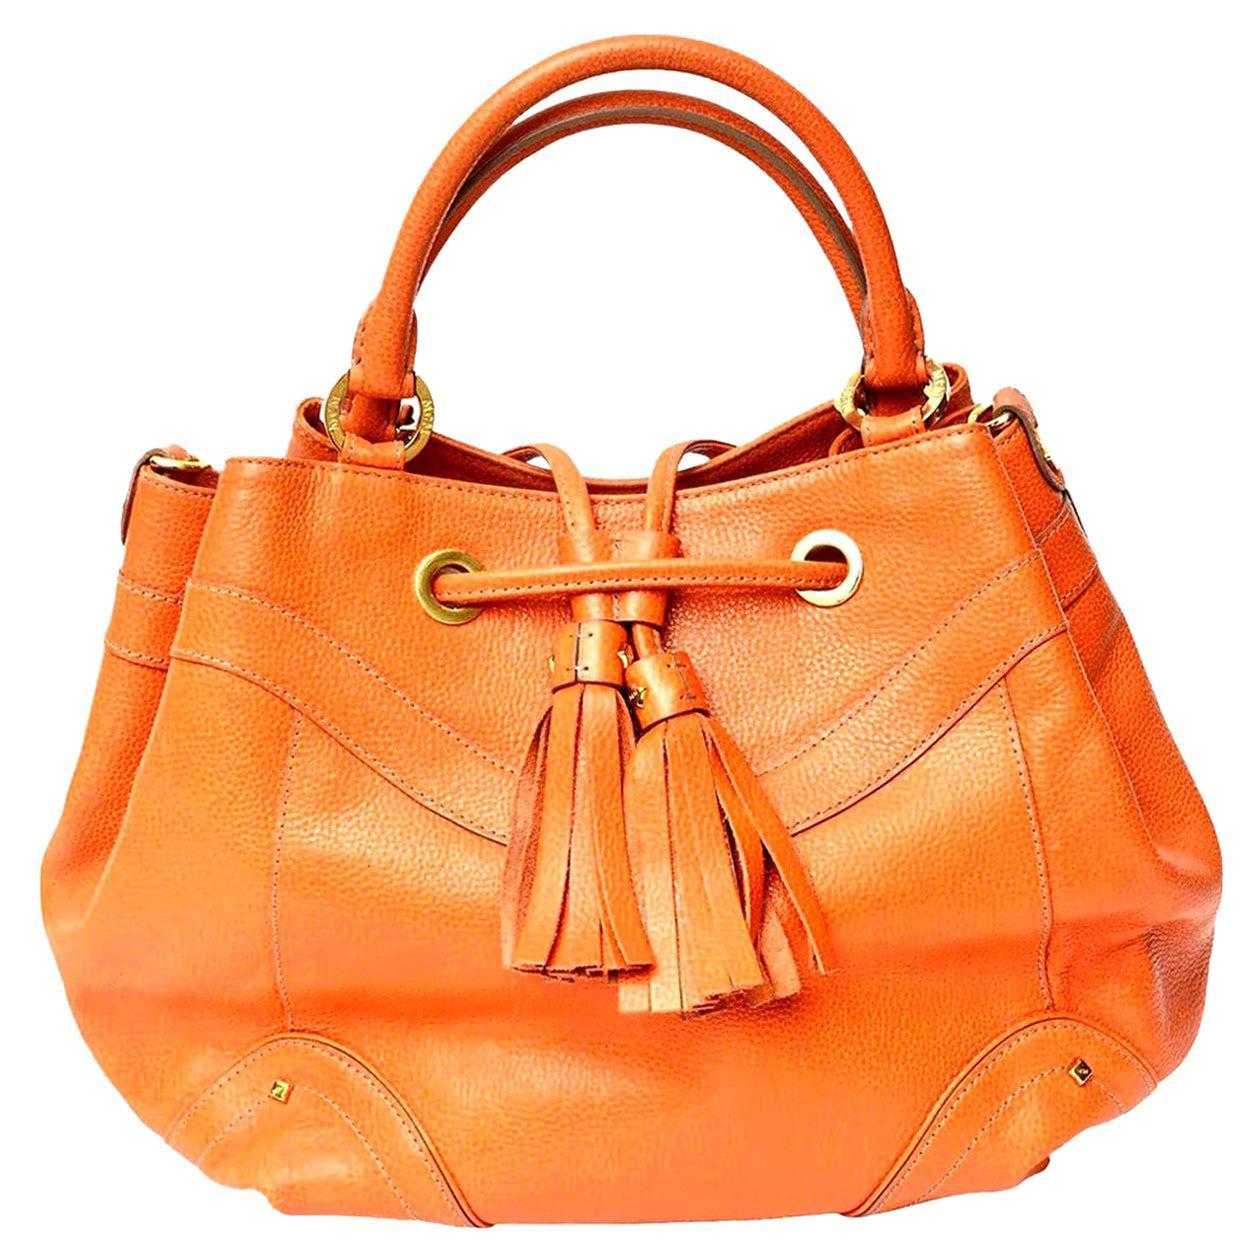 MCM Orange Leather and Gold Plated Tassel Hand Bag Vintage